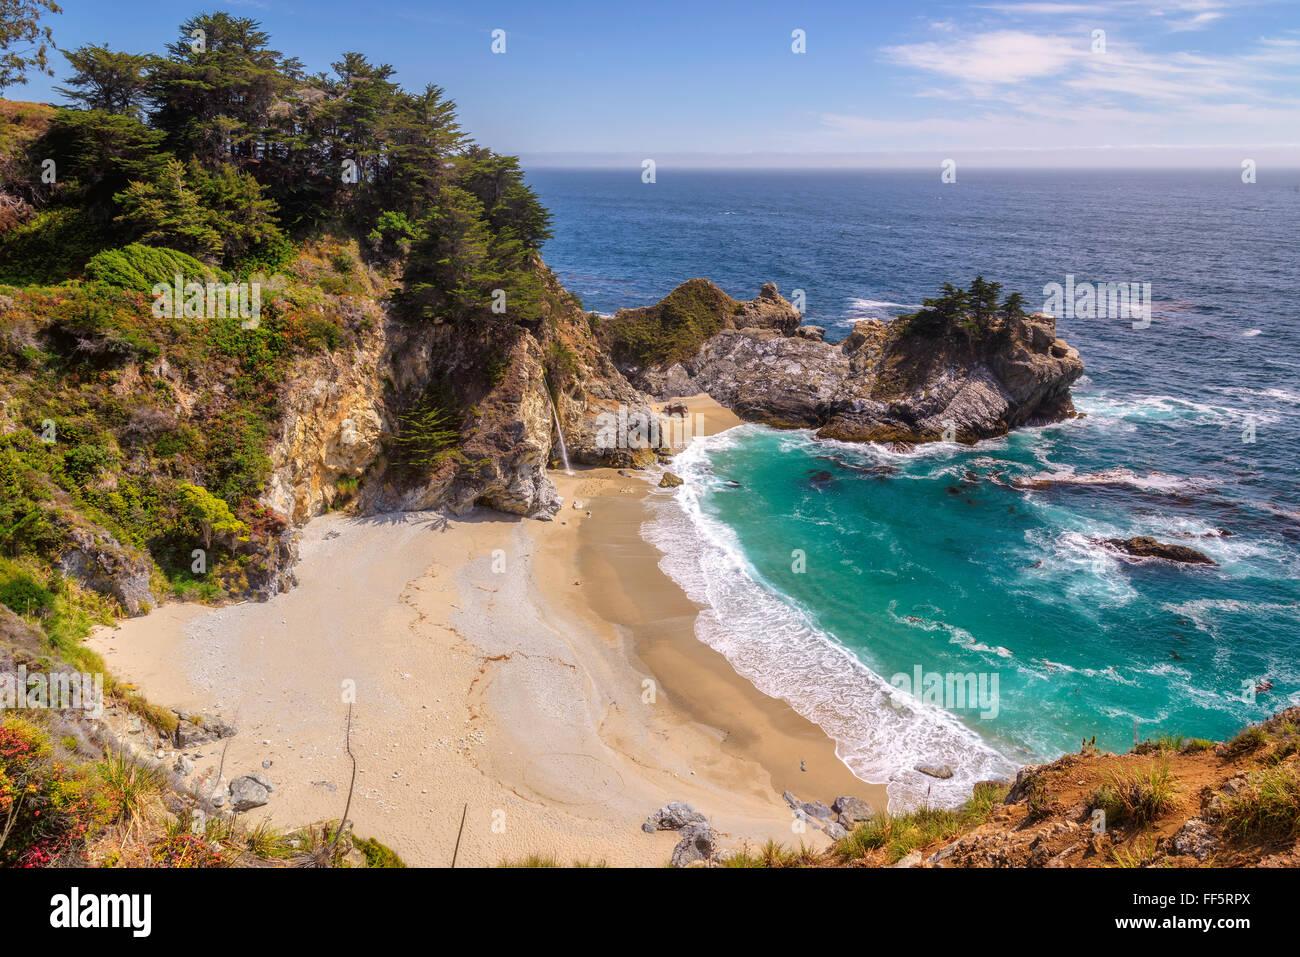 Bellissima spiaggia sulla costa del Pacifico in California Immagini Stock